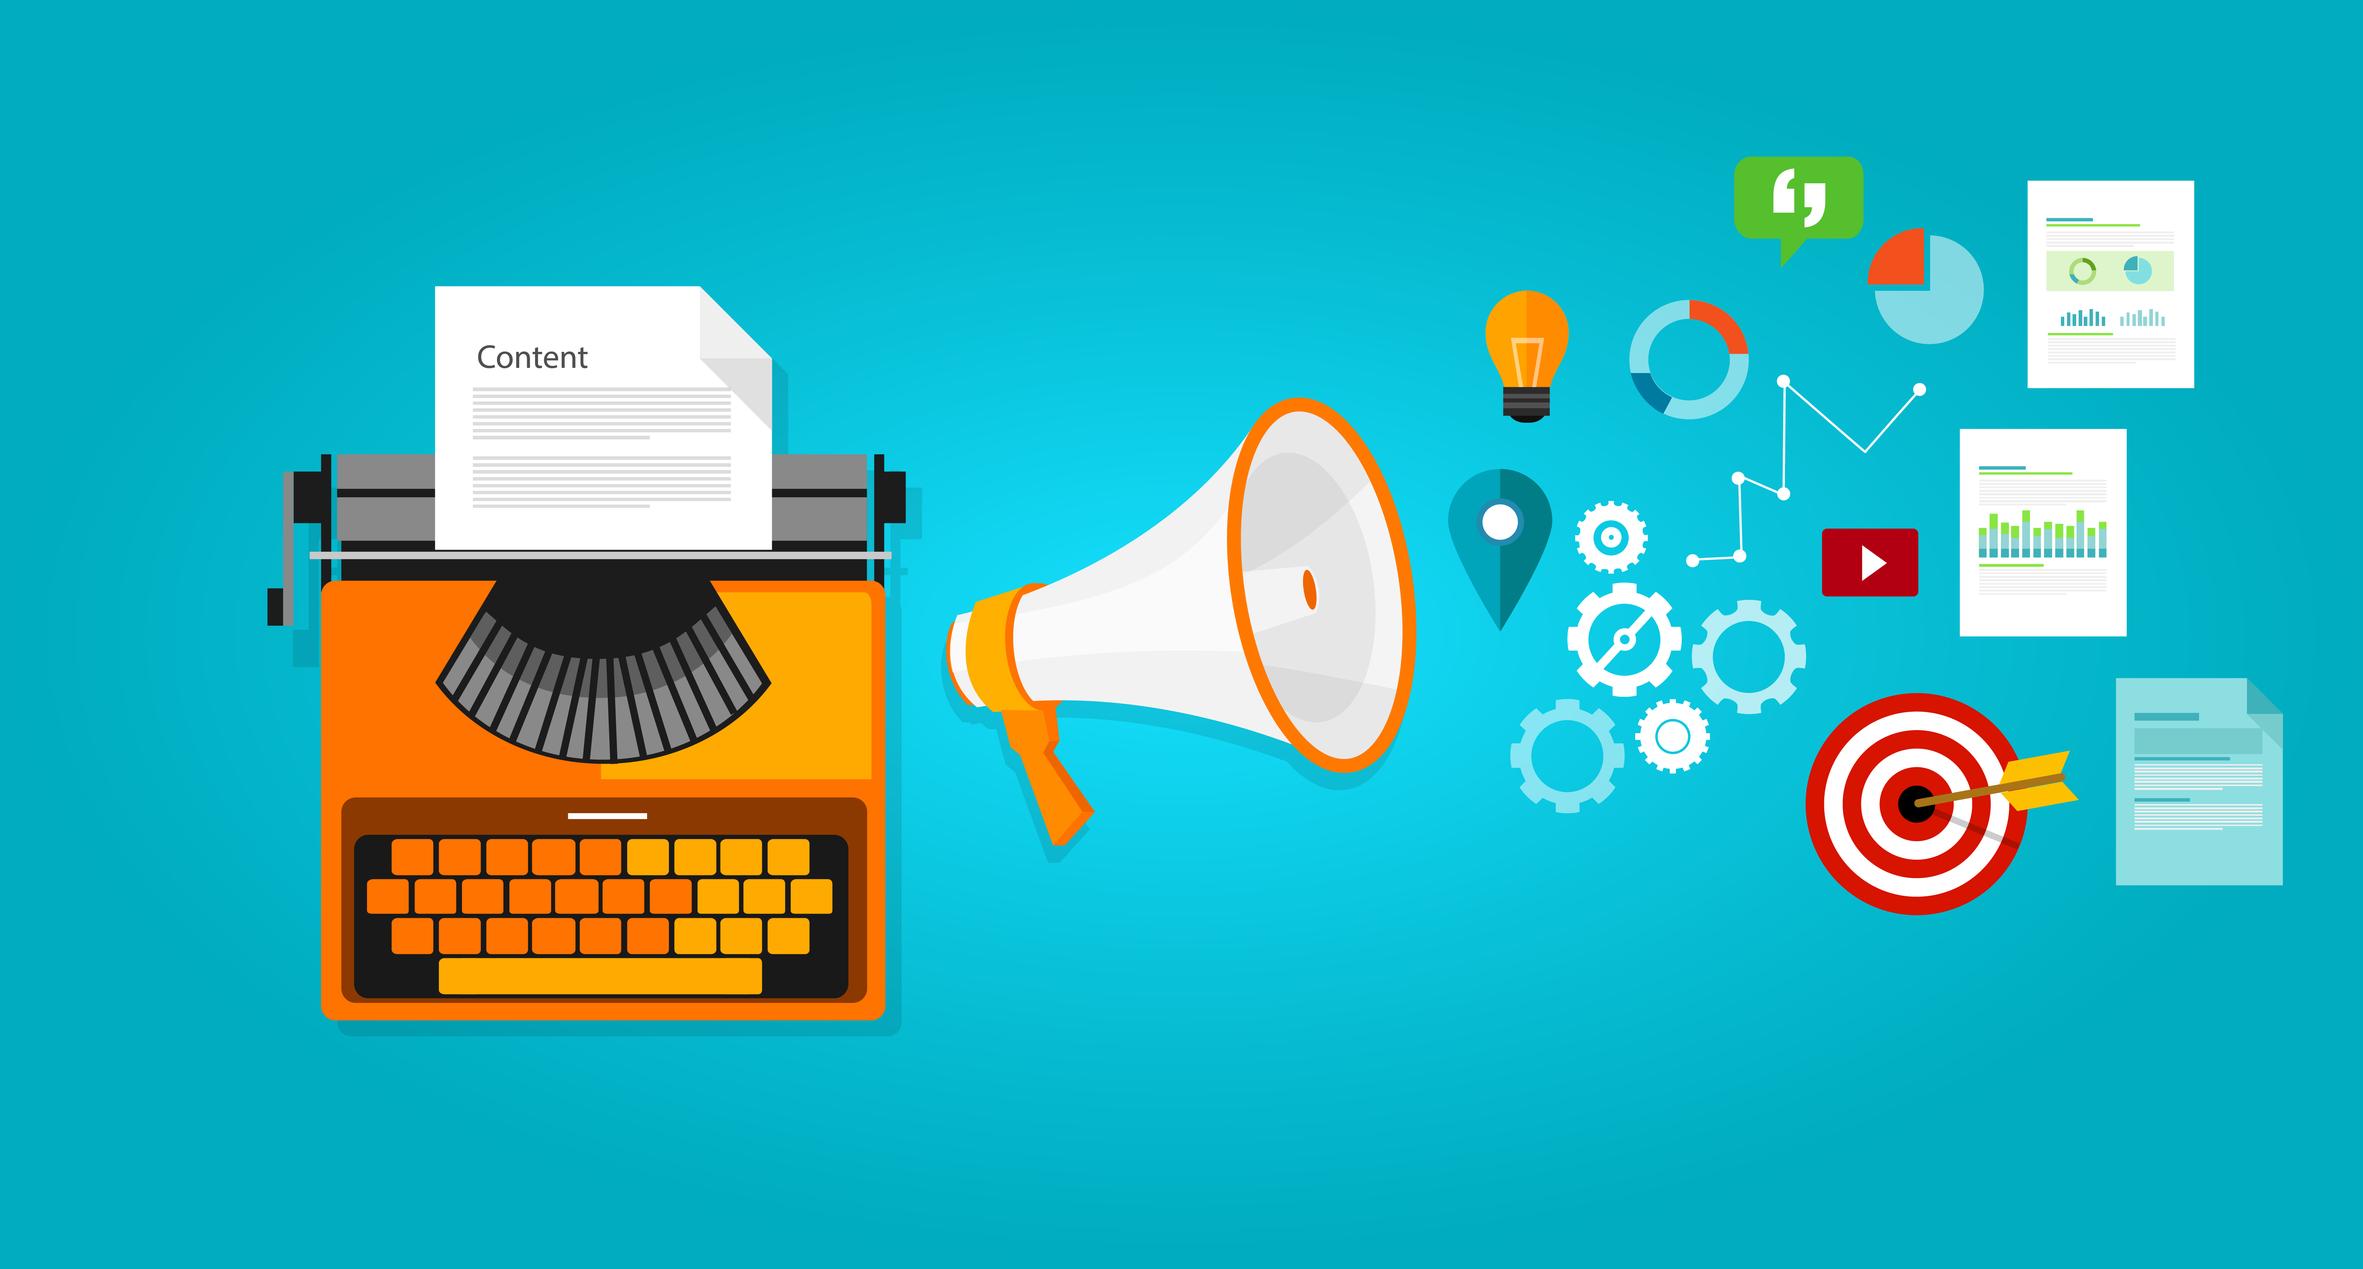 دیجیتال مارکتینگ (بازاریابی اینترنتی)